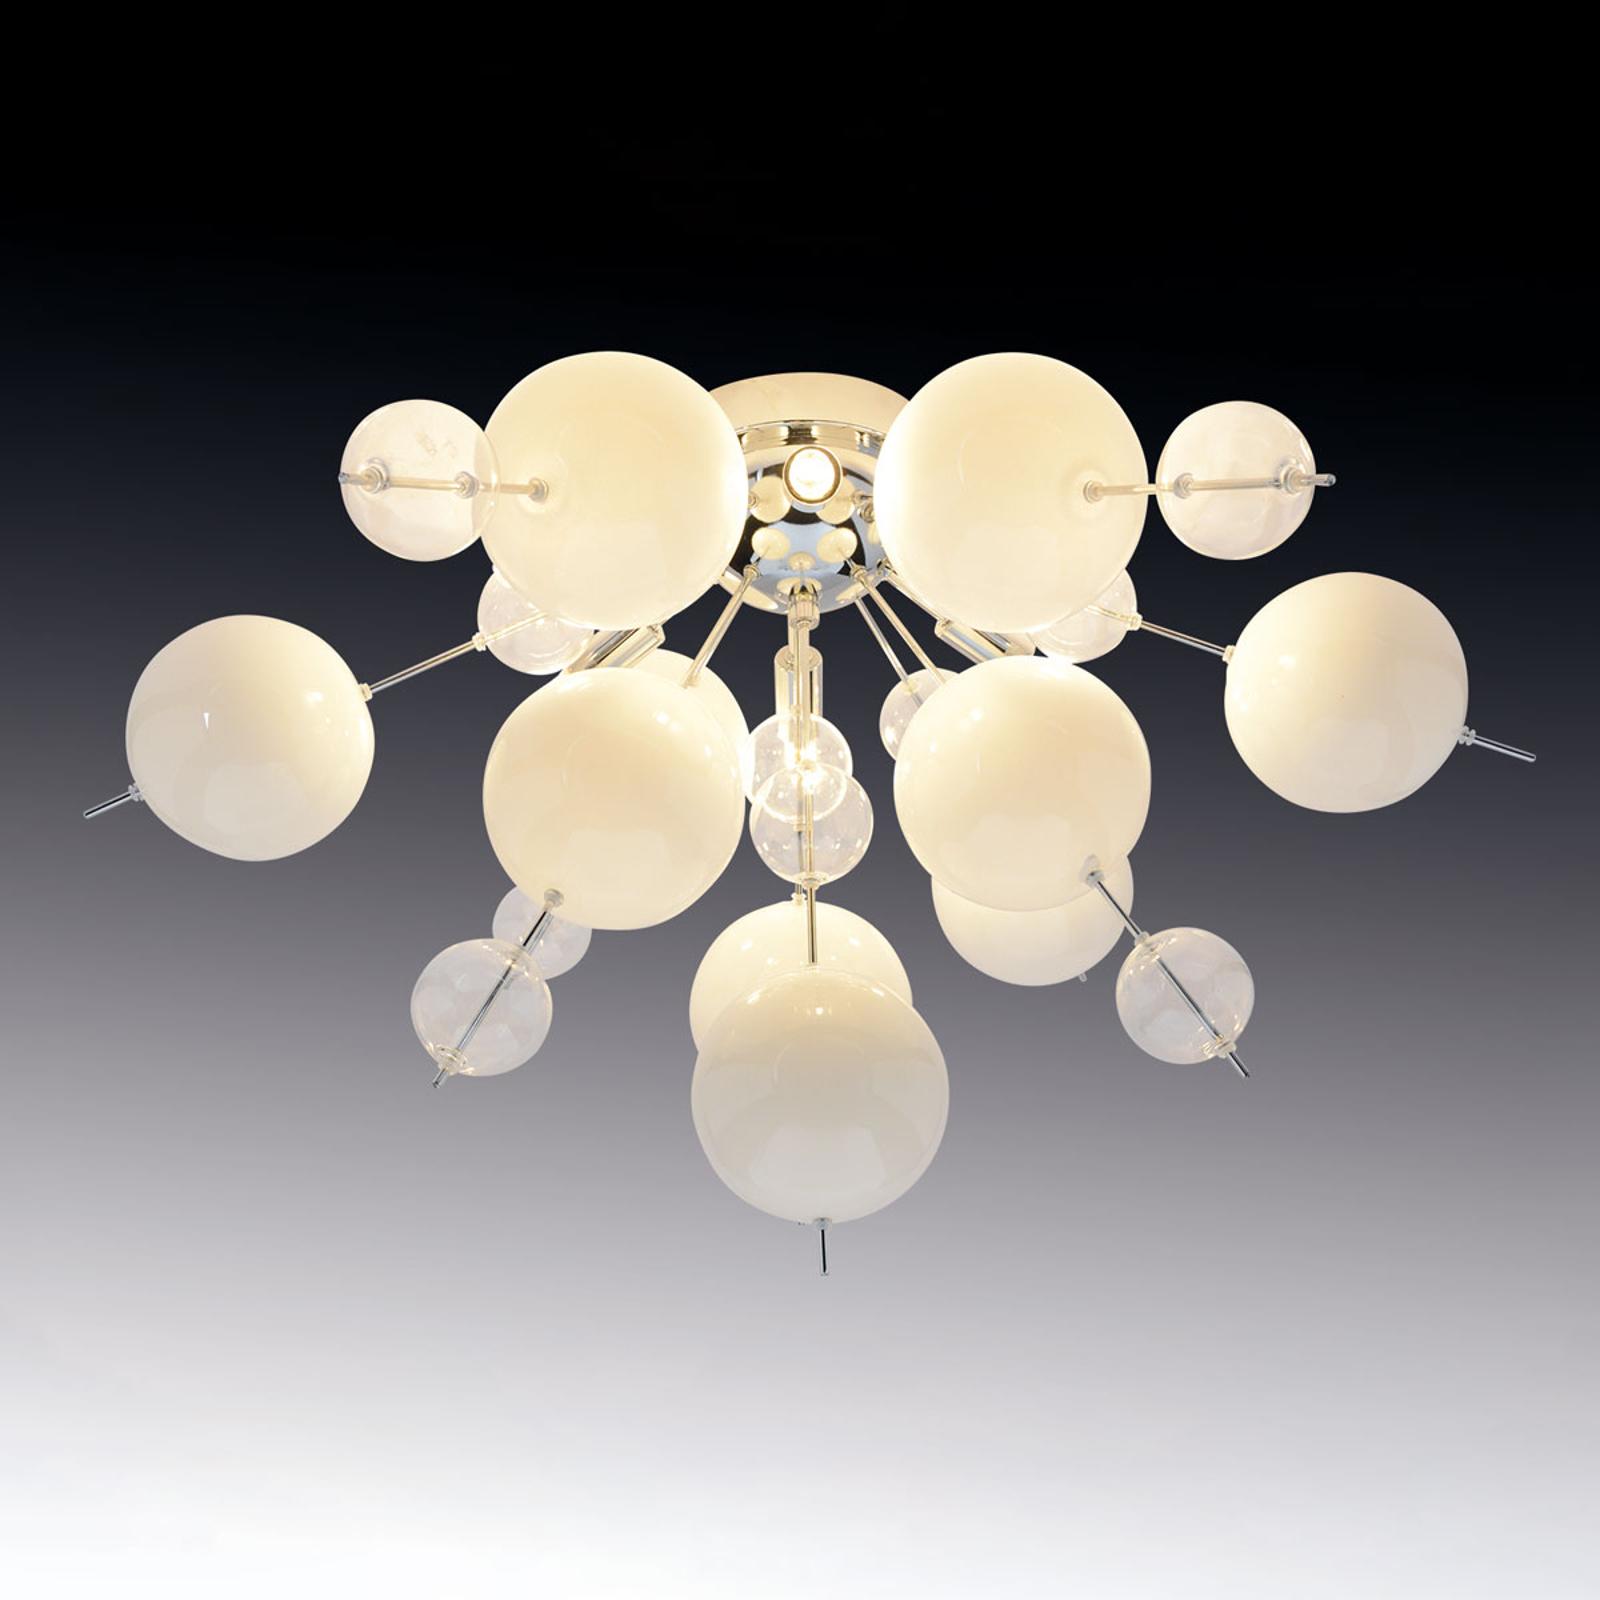 Plafoniera Explosion in bianco/cromo